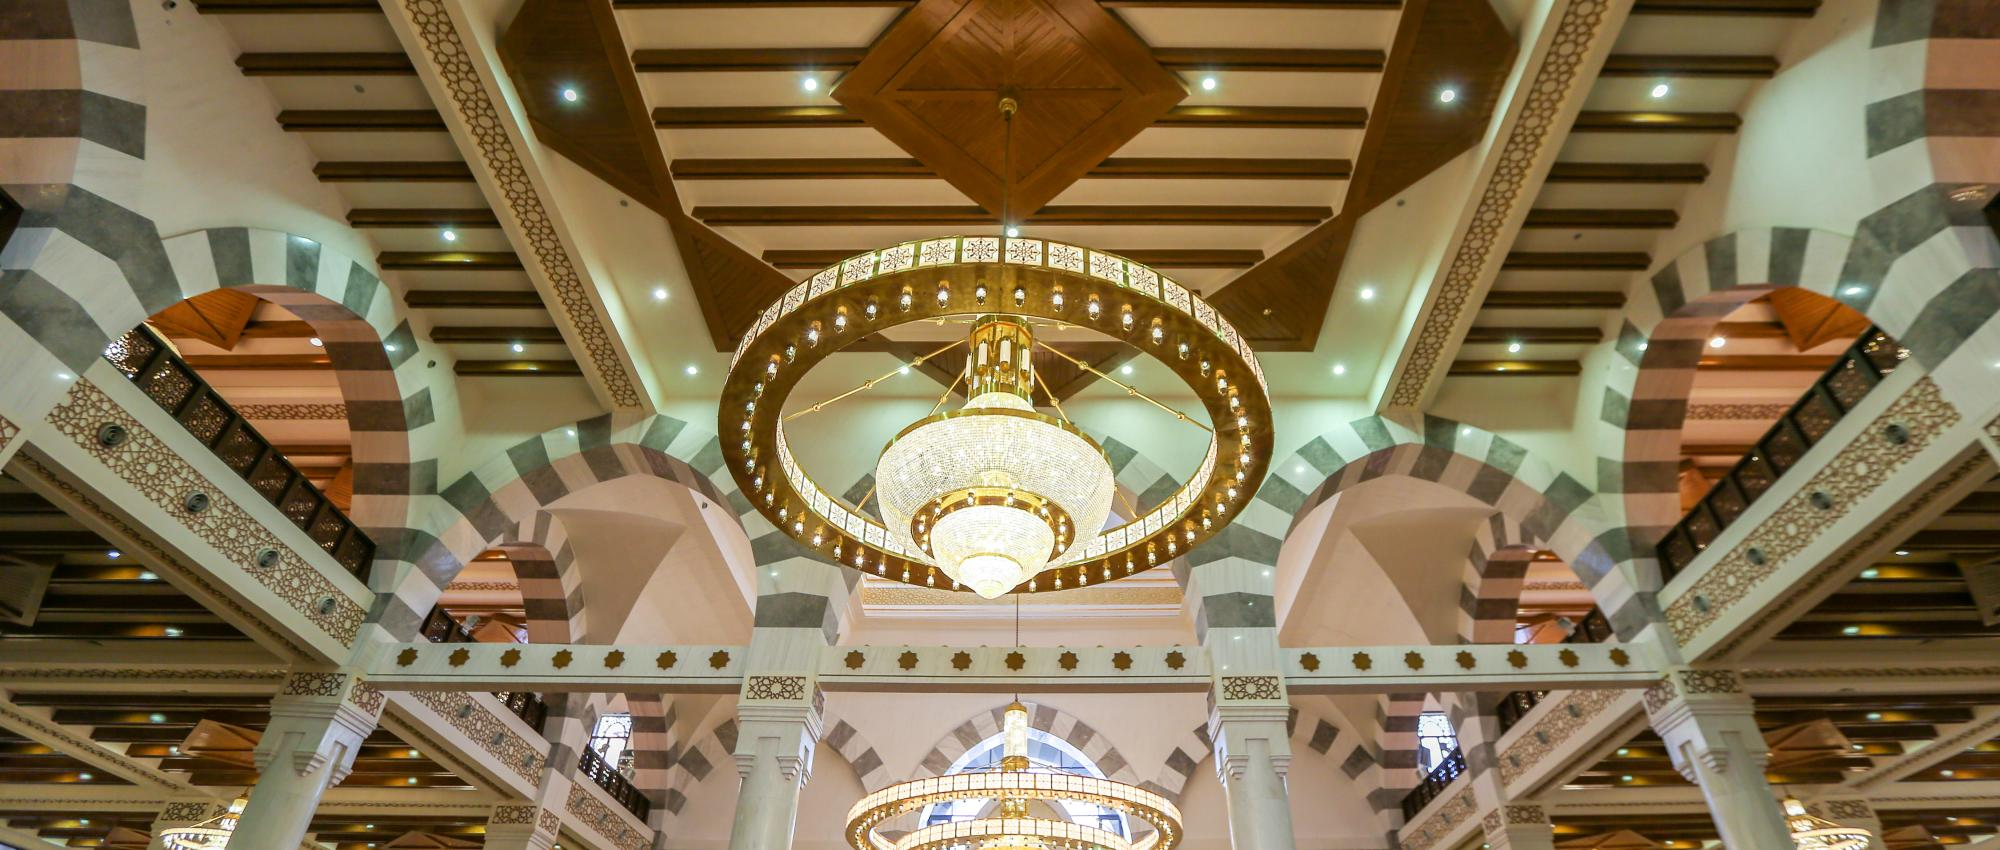 جامع عائشة الراجحي بمكة المكرمة